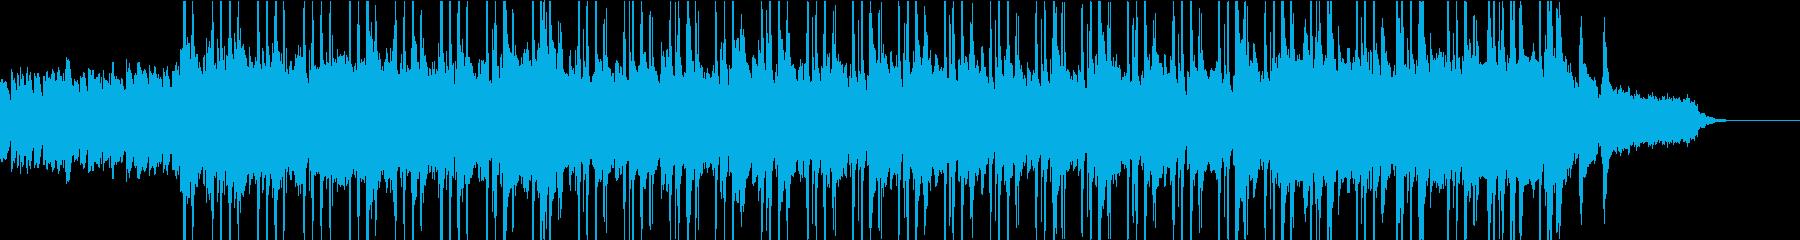 優しい気持ちになるBGMの再生済みの波形